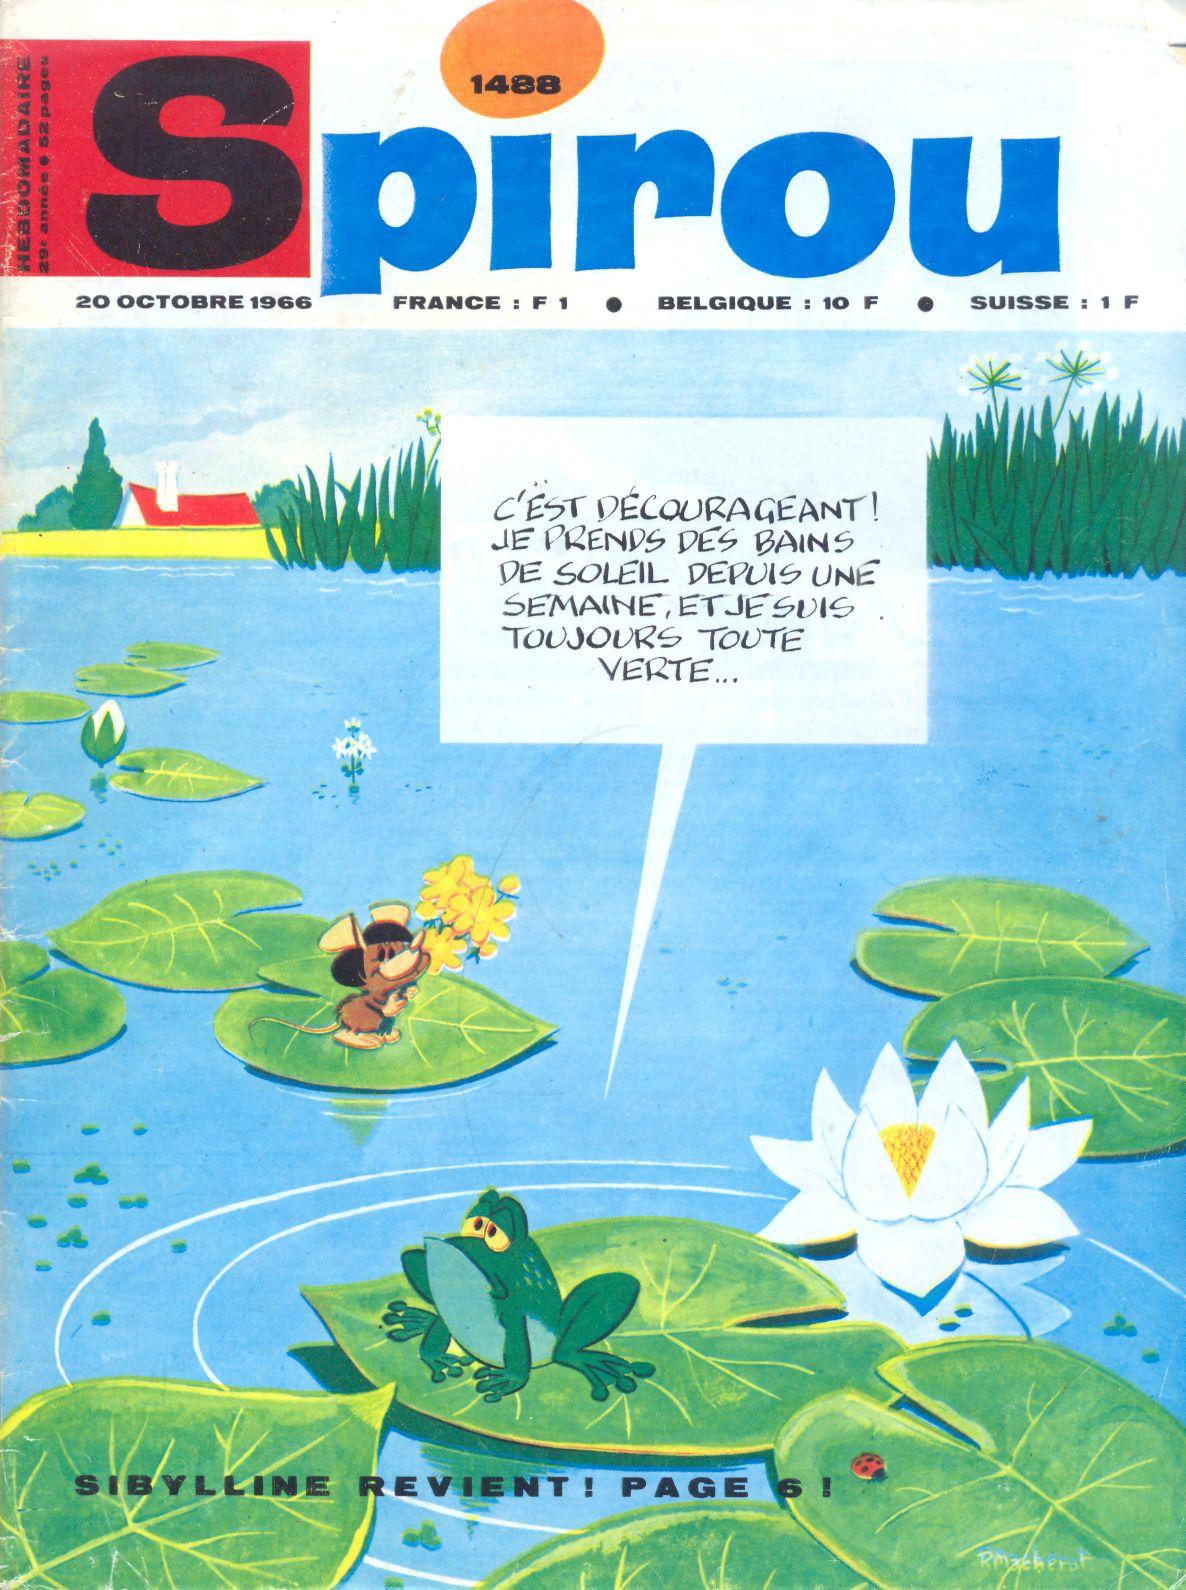 Le journal de Spirou 1488